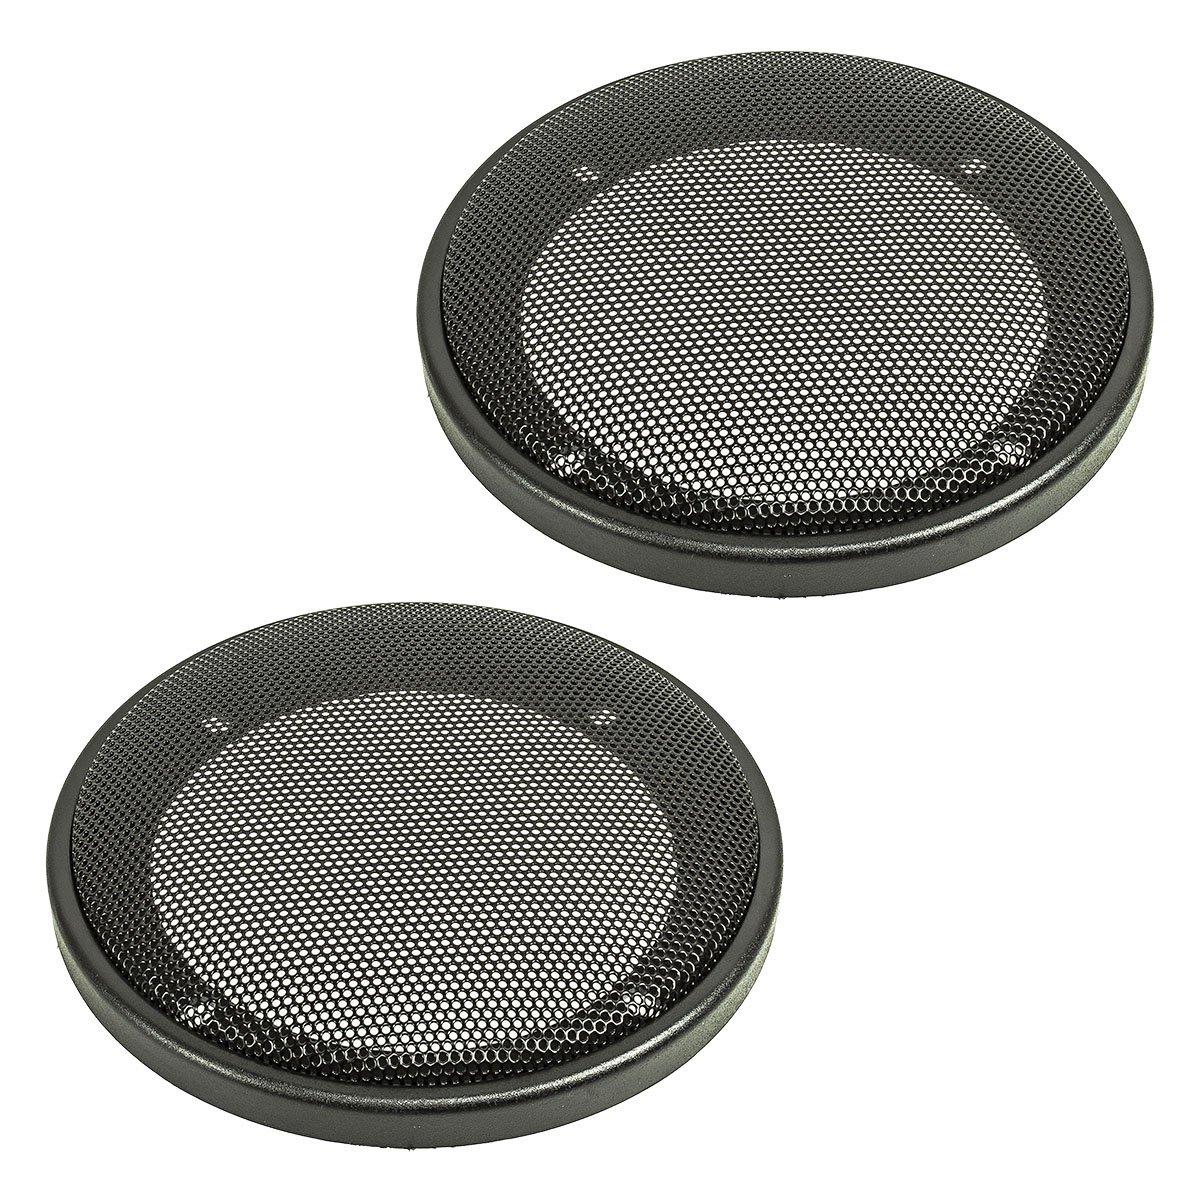 tomzz Audio ® 2800-000 Lautsprecher Gitter Grill für 100mm DIN Lautsprecher, schwarz, 2-teilig Kunststoffring mit Metallgitter, Satz